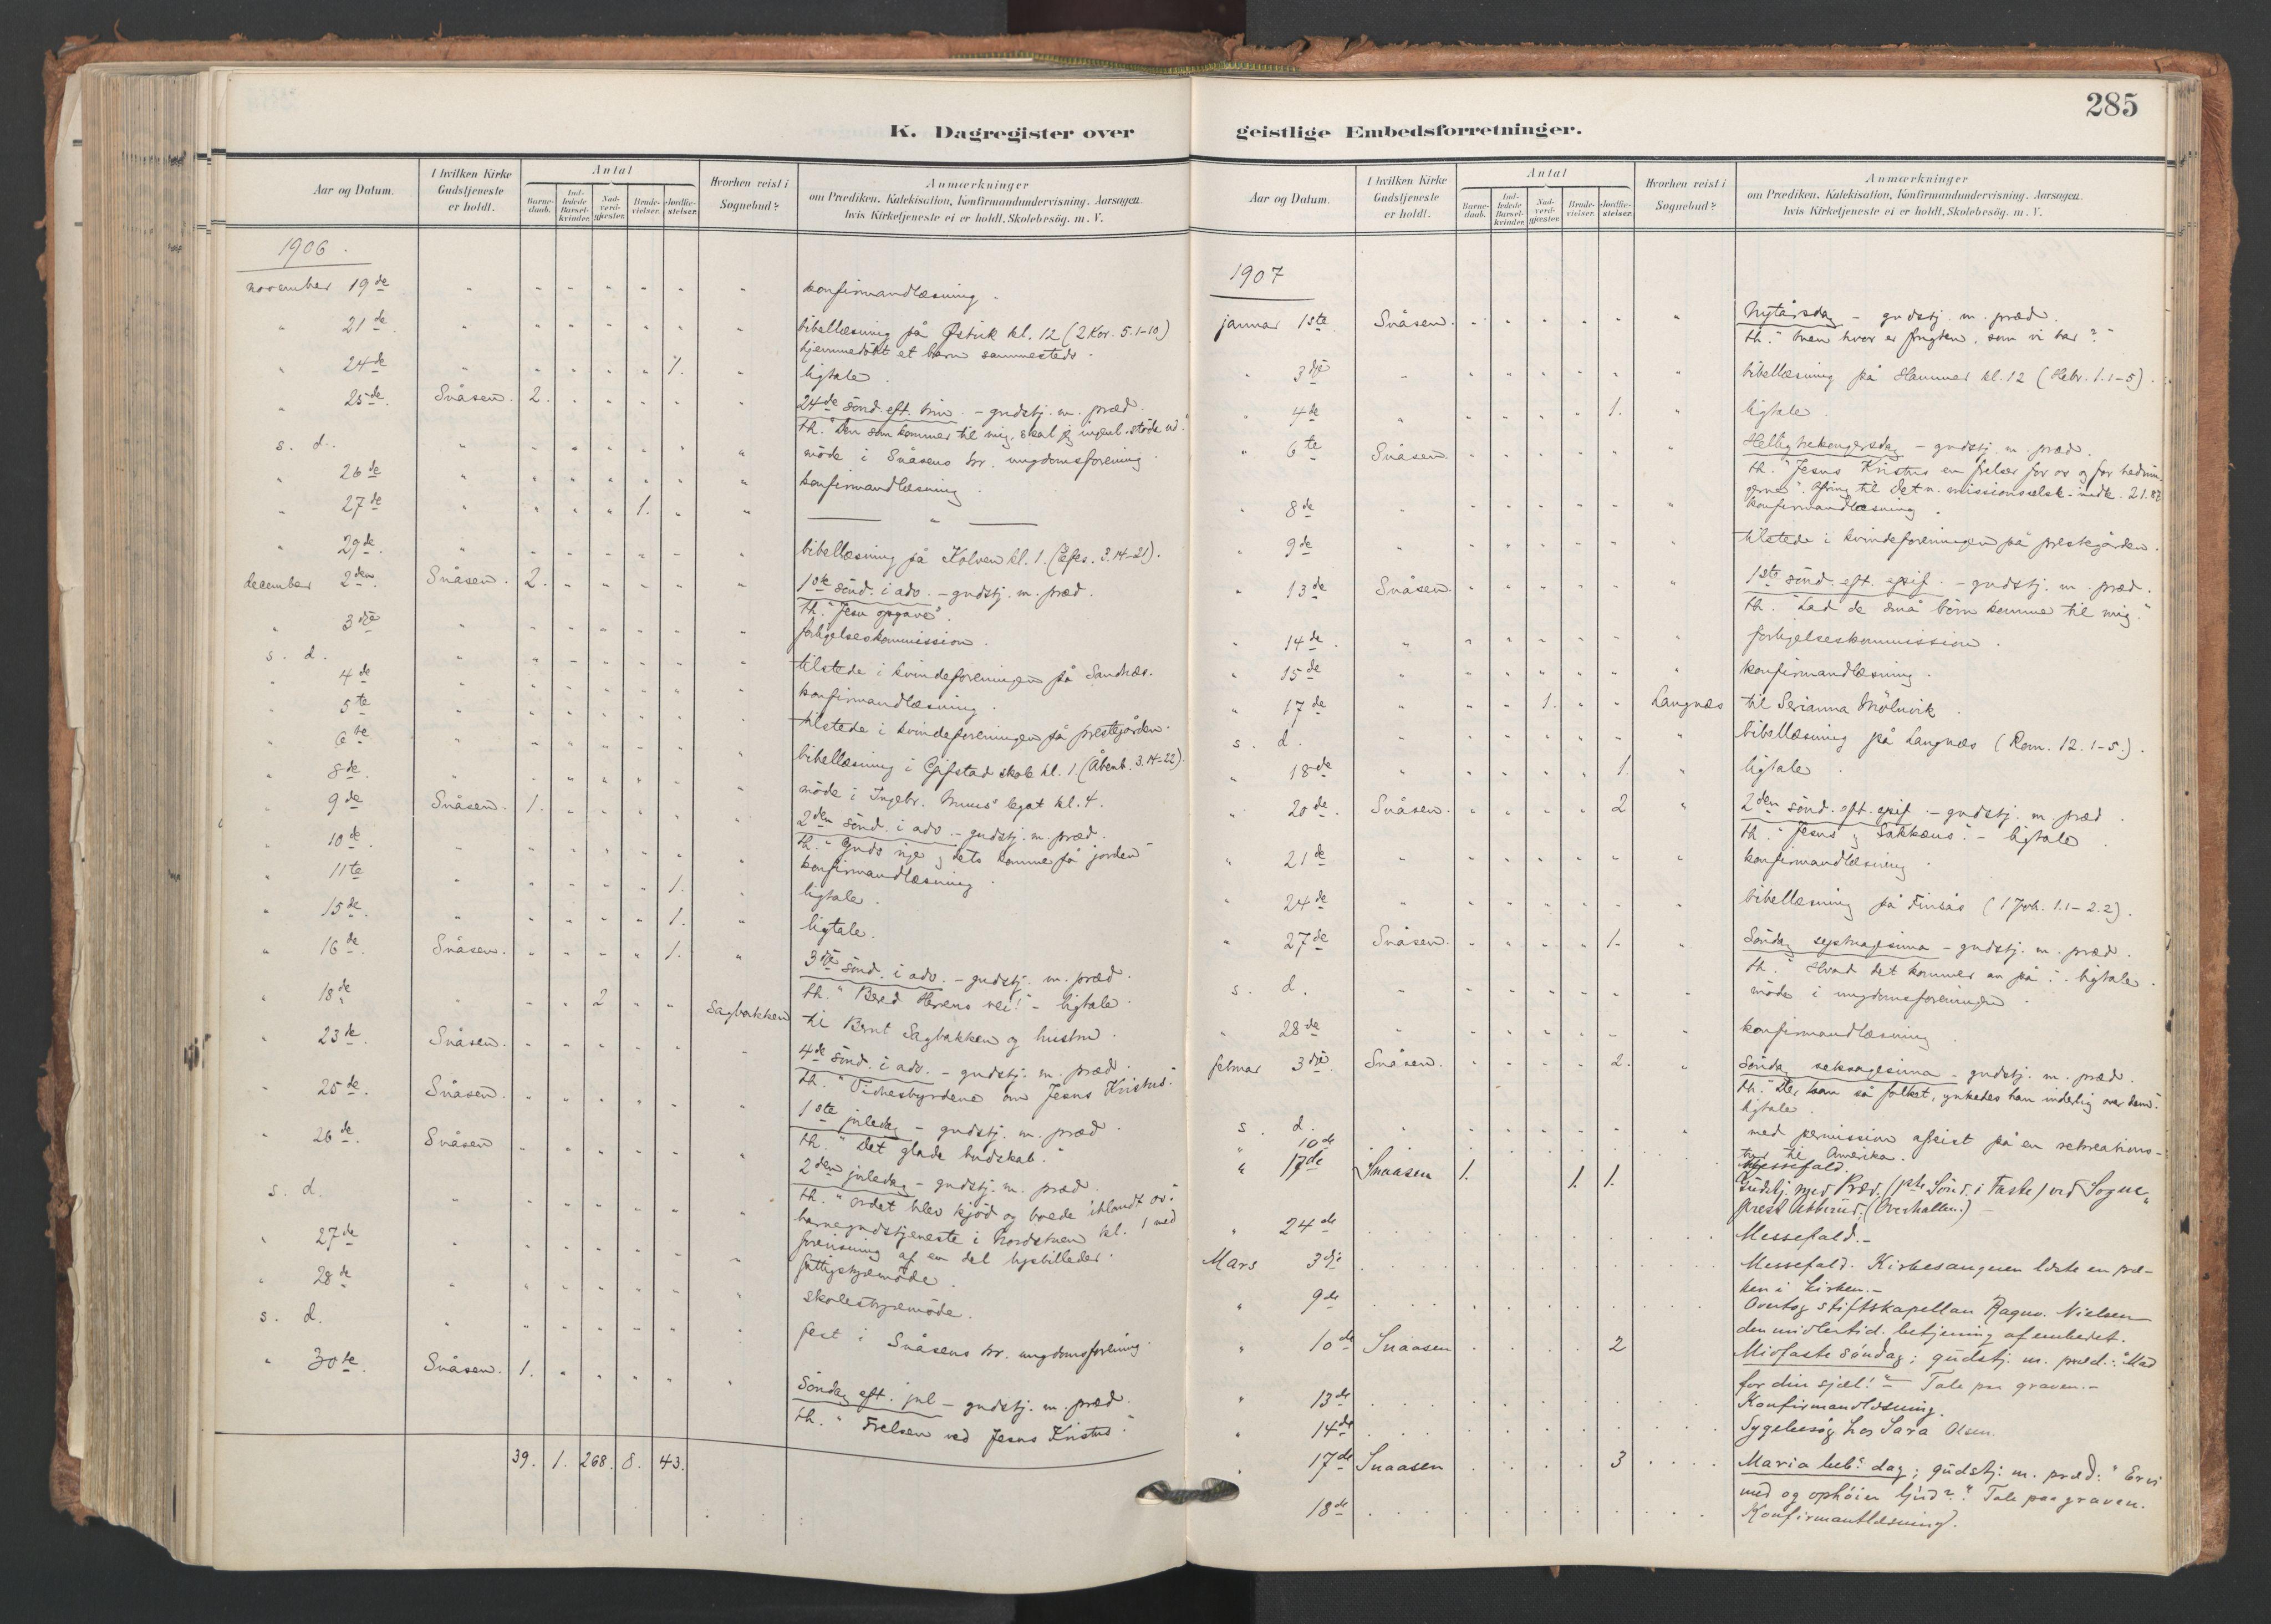 SAT, Ministerialprotokoller, klokkerbøker og fødselsregistre - Nord-Trøndelag, 749/L0477: Ministerialbok nr. 749A11, 1902-1927, s. 285